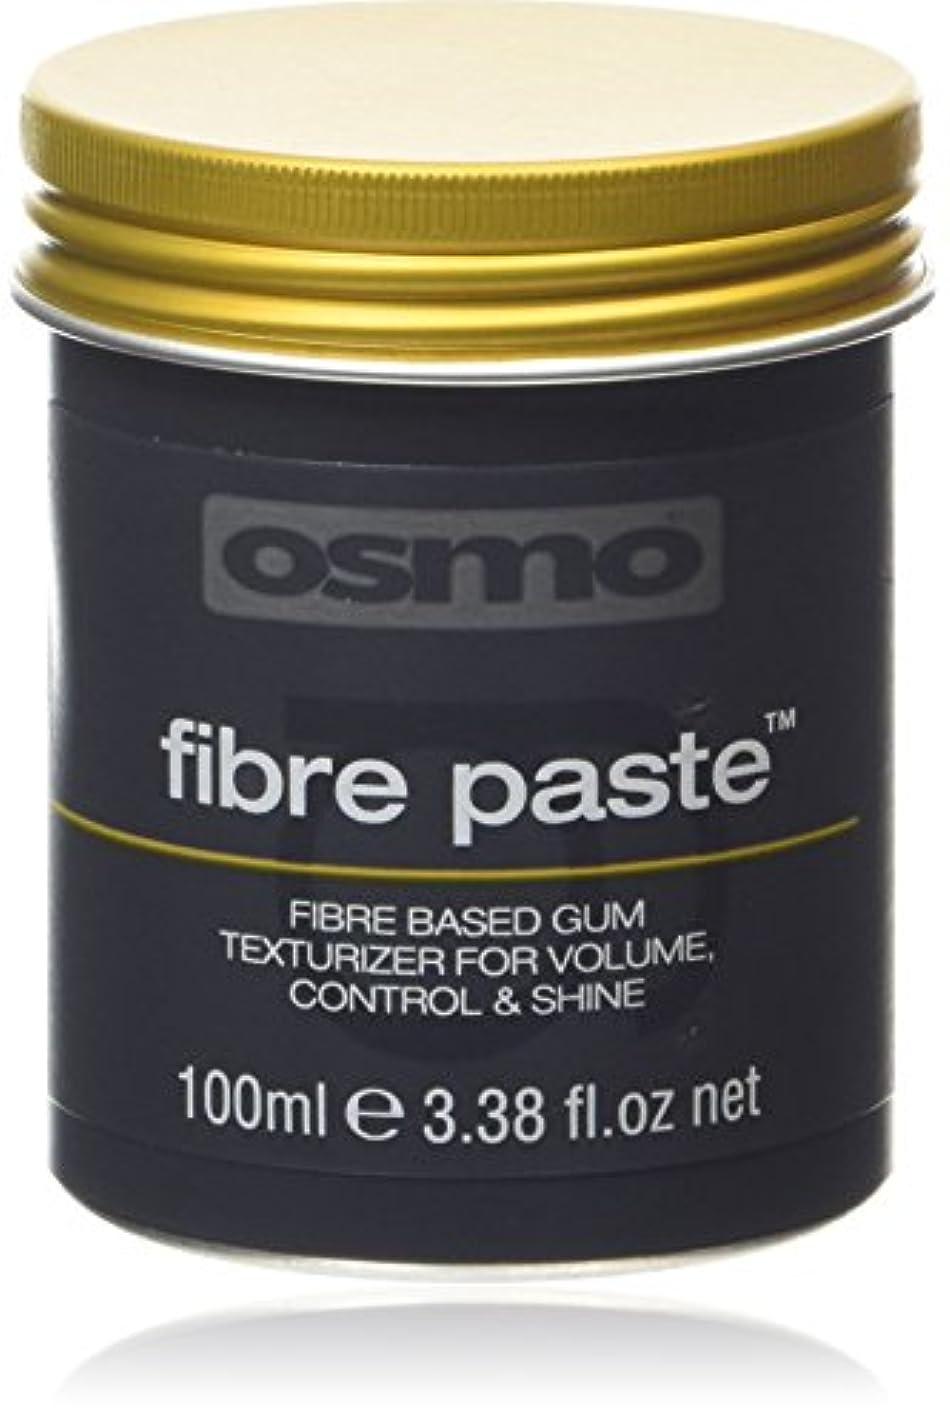 服を洗う物理的な取り組むアレス OSMO グルーミングヘアワックス ファイバーペースト 100ml